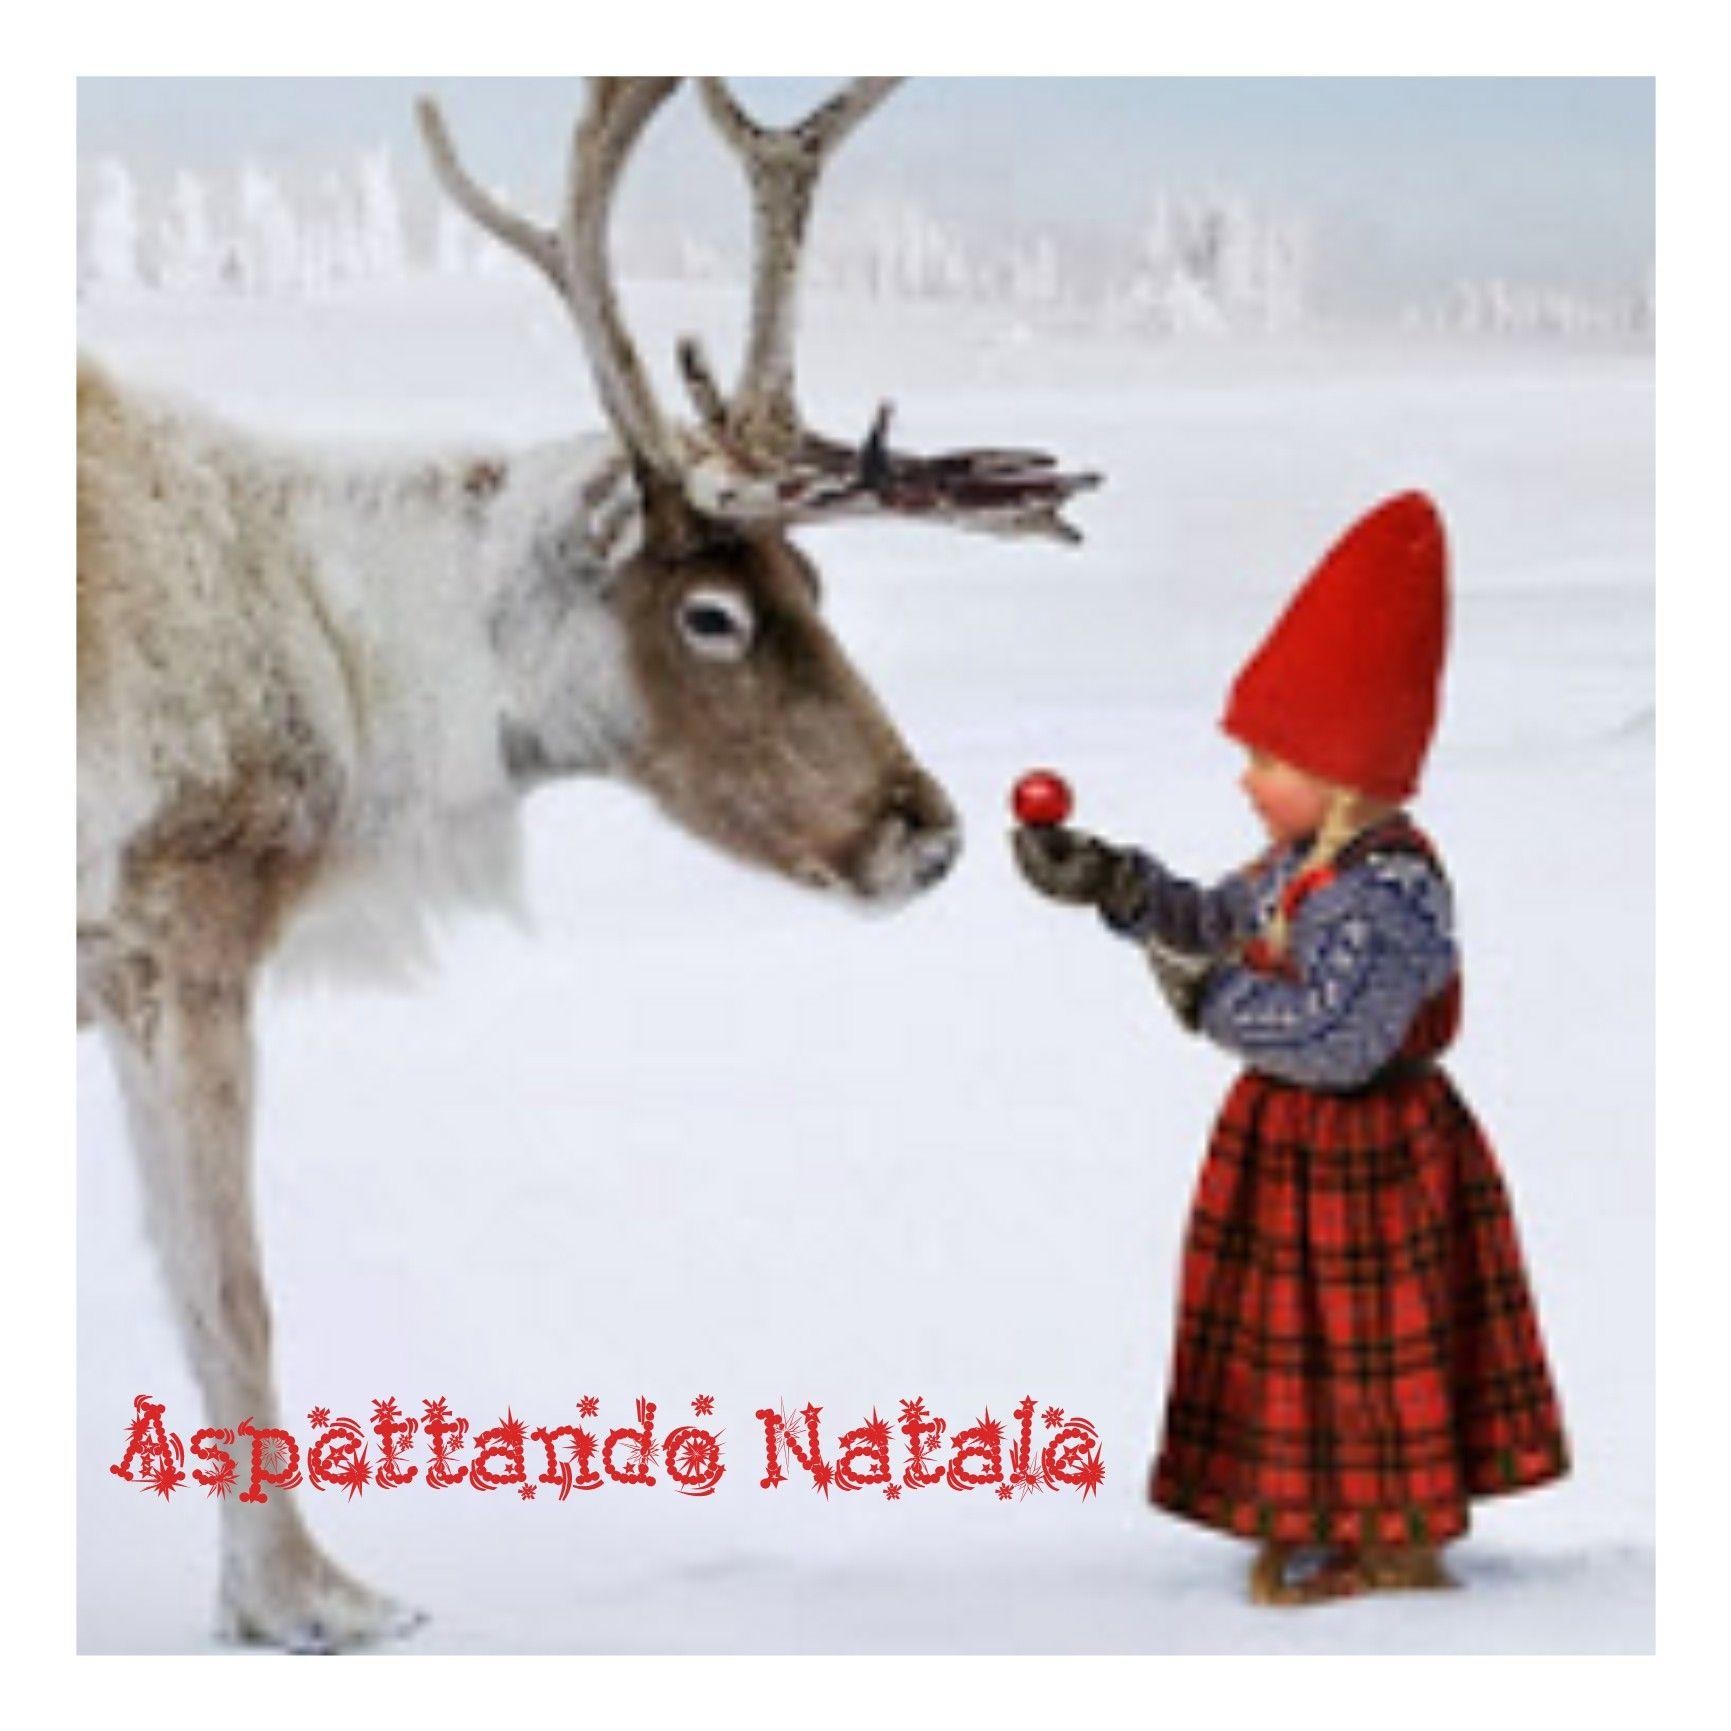 Non ricordo la fonte. Ma la foto é meravigliosa!!!Aspettando Natale ...